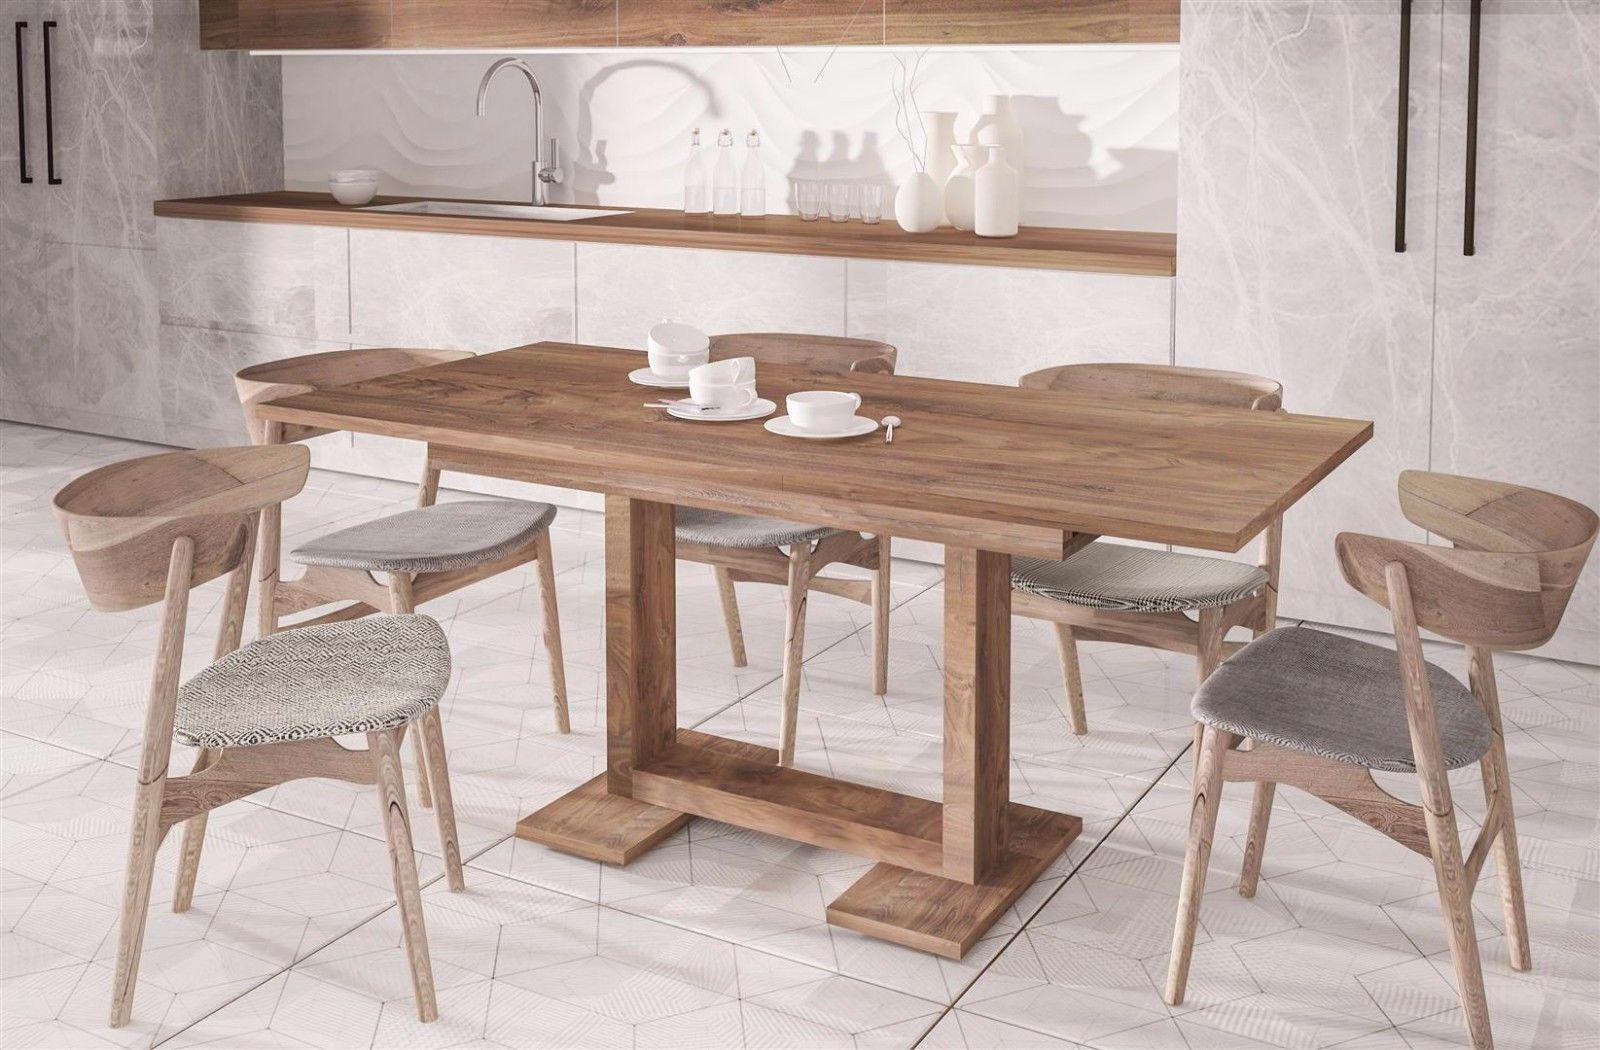 design Esstisch nussbaum 130-210 ausziehbar Auszugtisch Küche ...